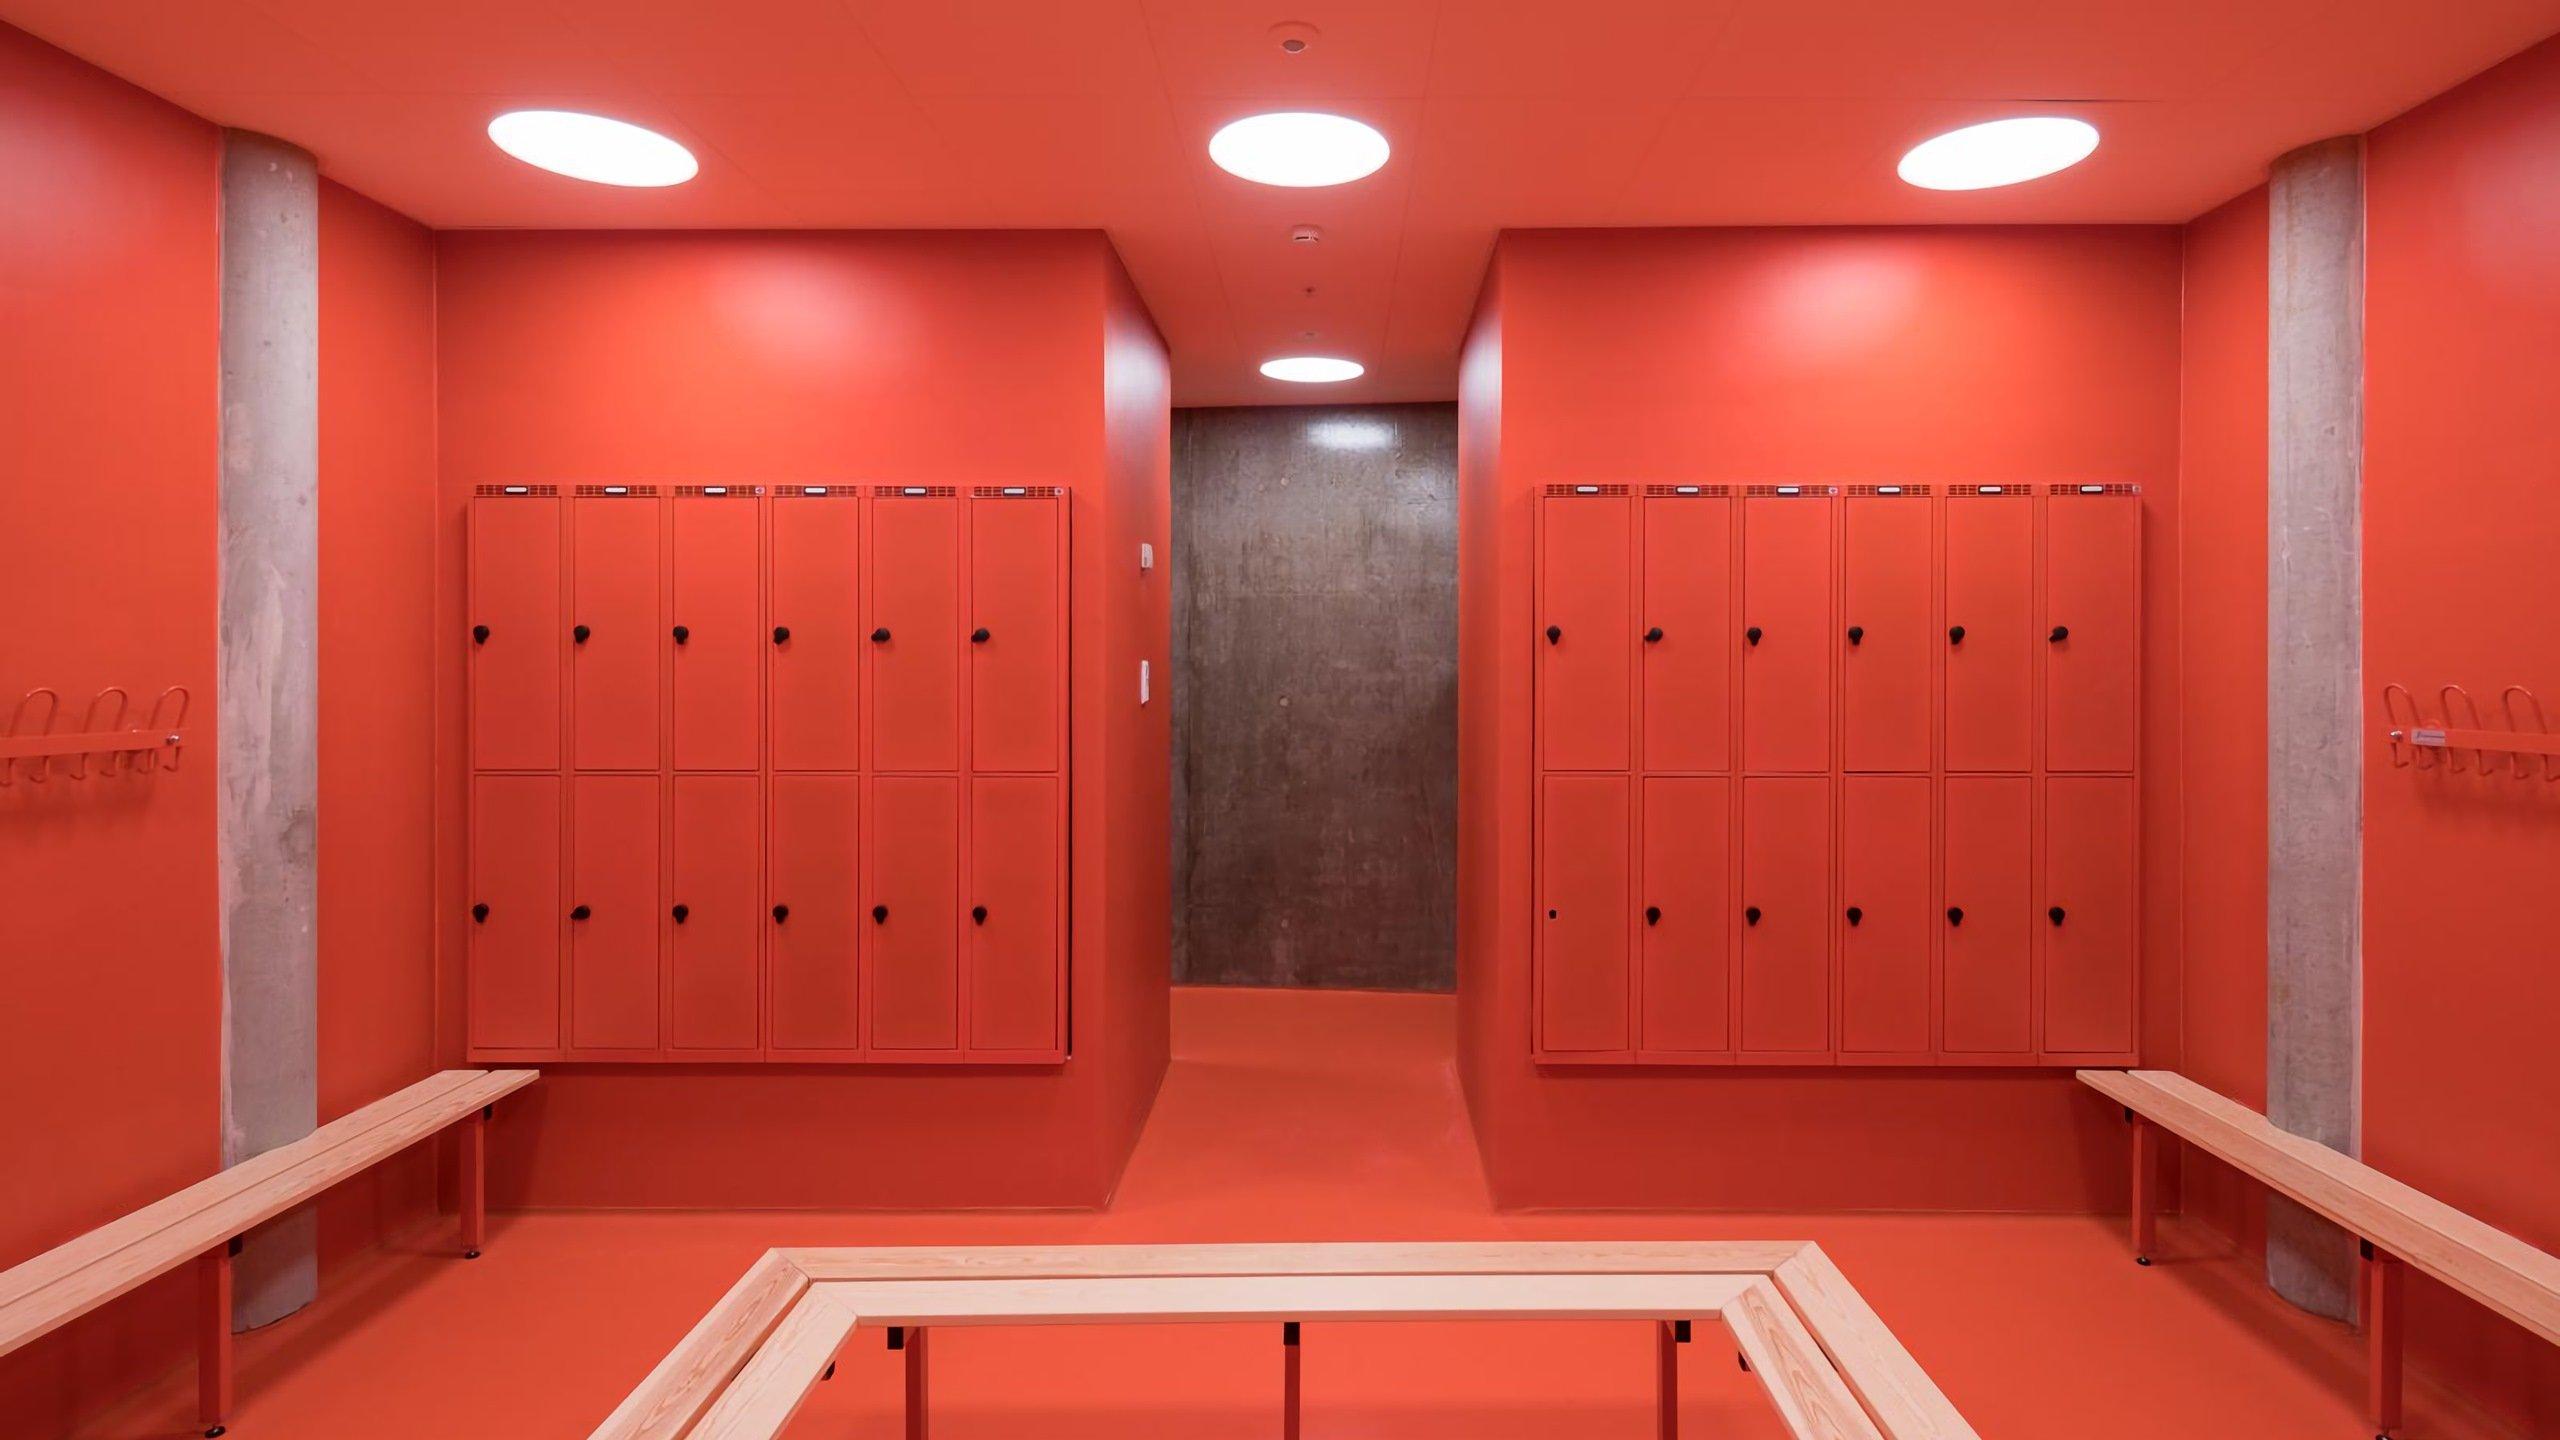 Wes Anderson Interior Hd Wallpaper